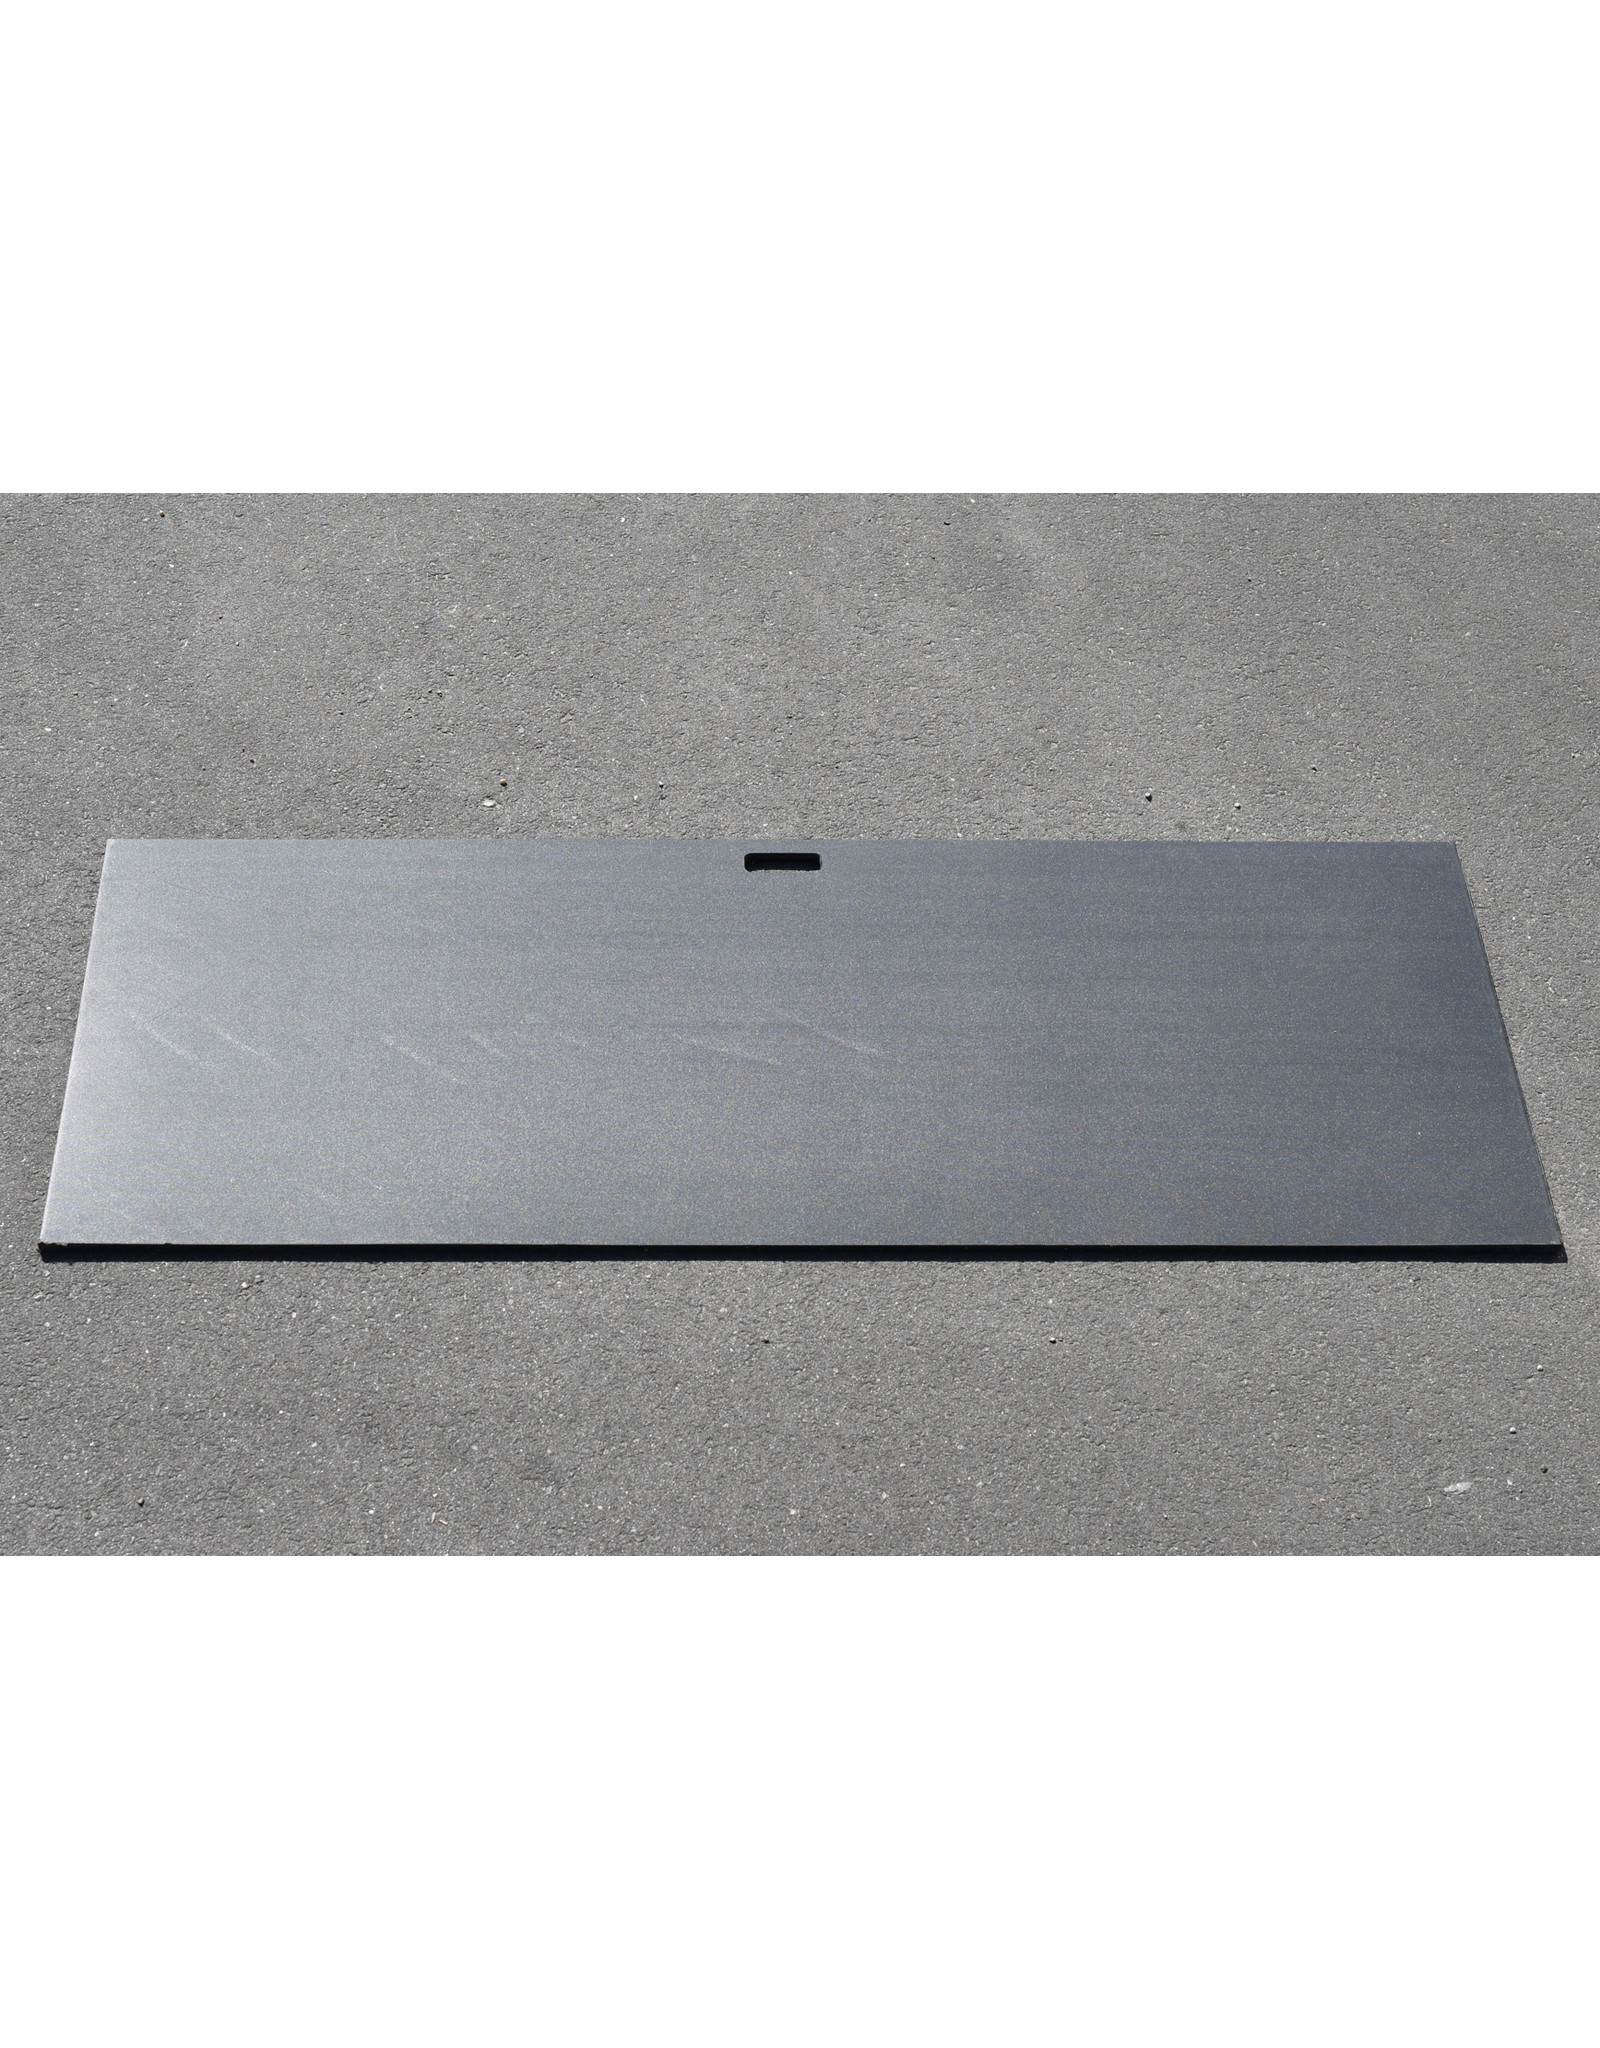 Stapelbok + 40 loopschotten 200x80cm